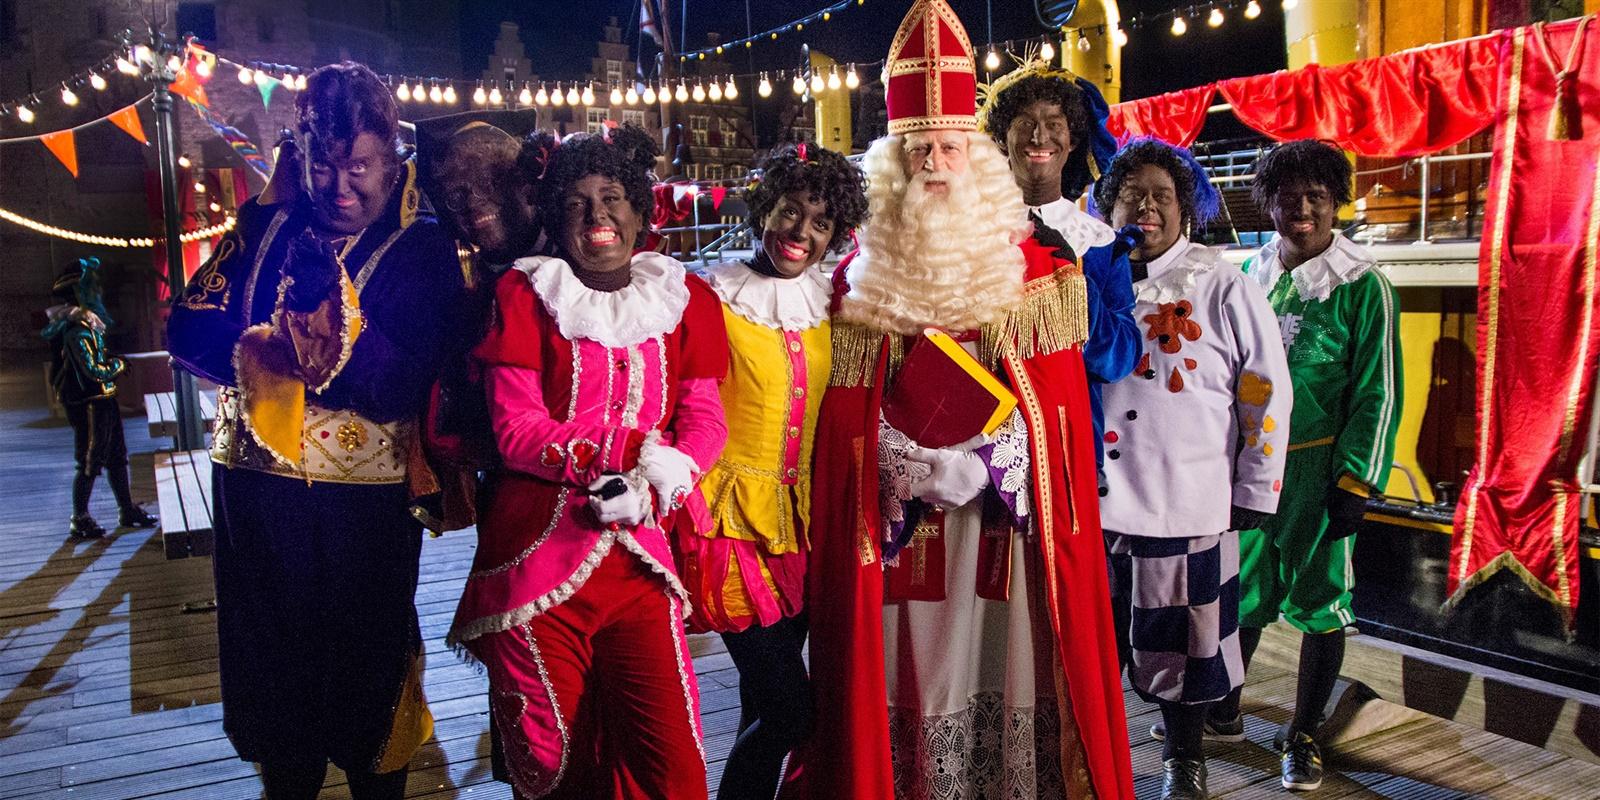 Sint In De Bios De Club Van Sinterklaas Geblaf Op De Pakjesboot